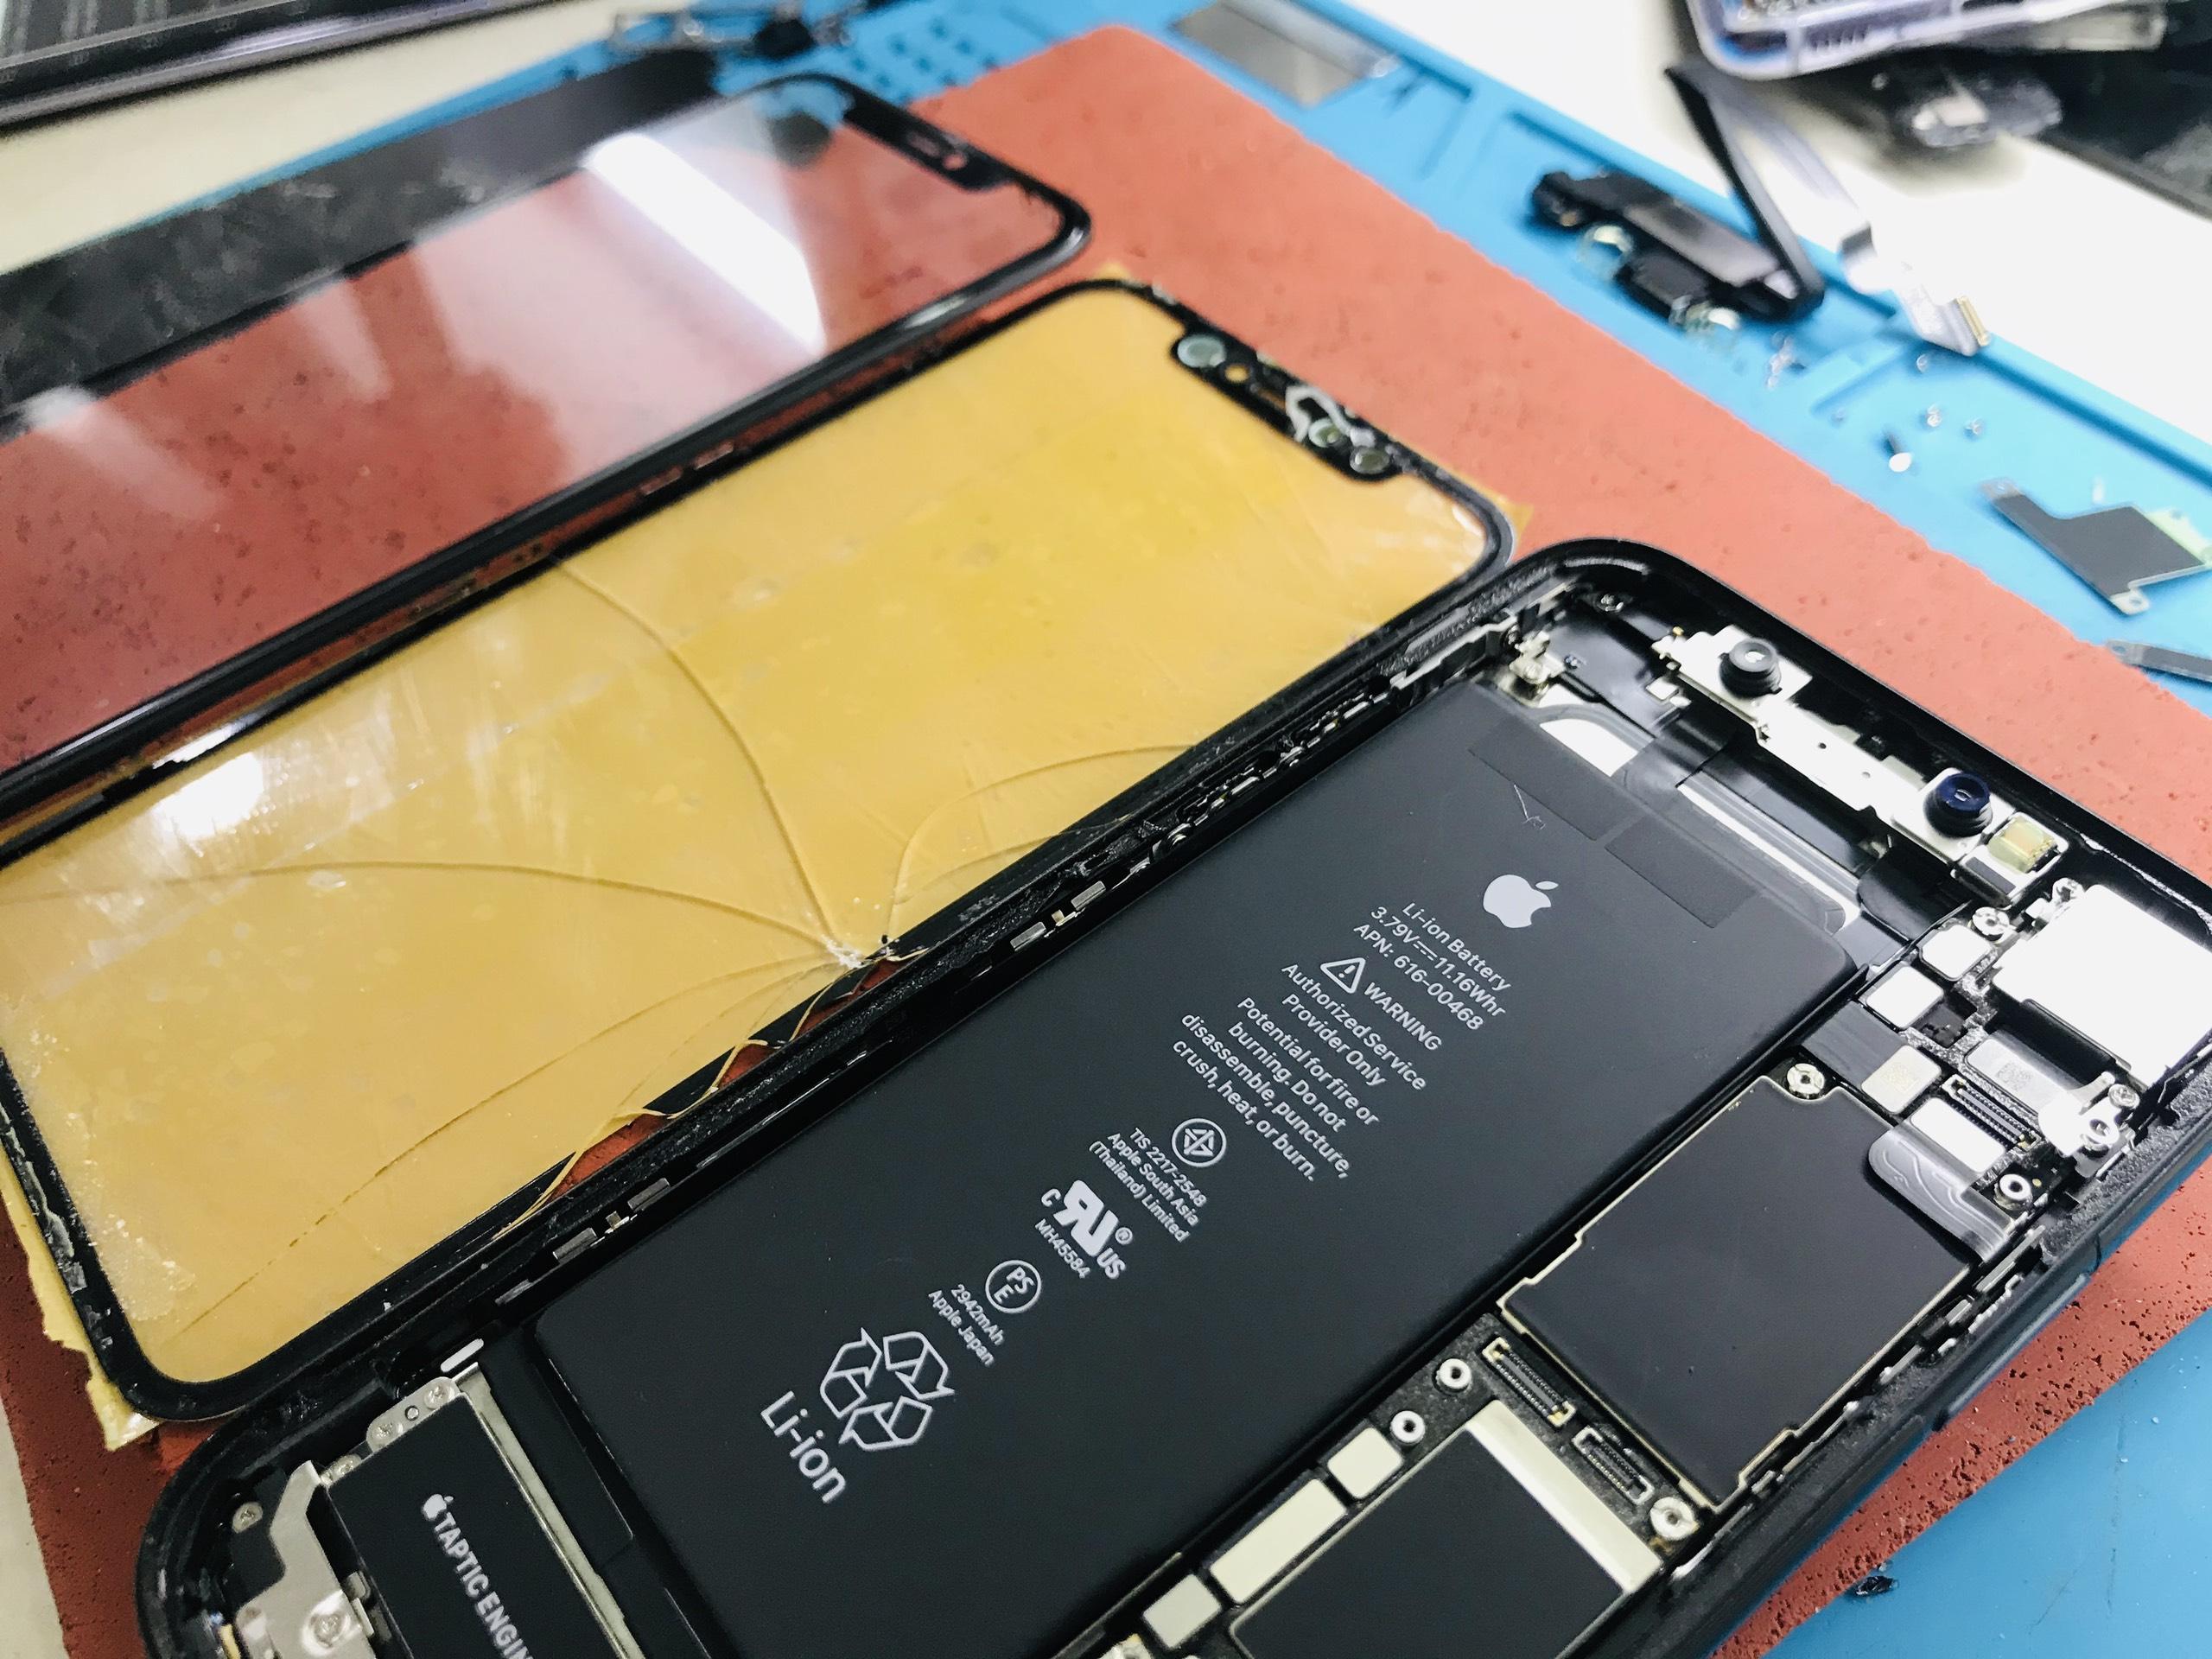 Ép Kính iPhone Xr Uy Tín Chất Lượng Số 1 Bà Rịa Vũng Tàu